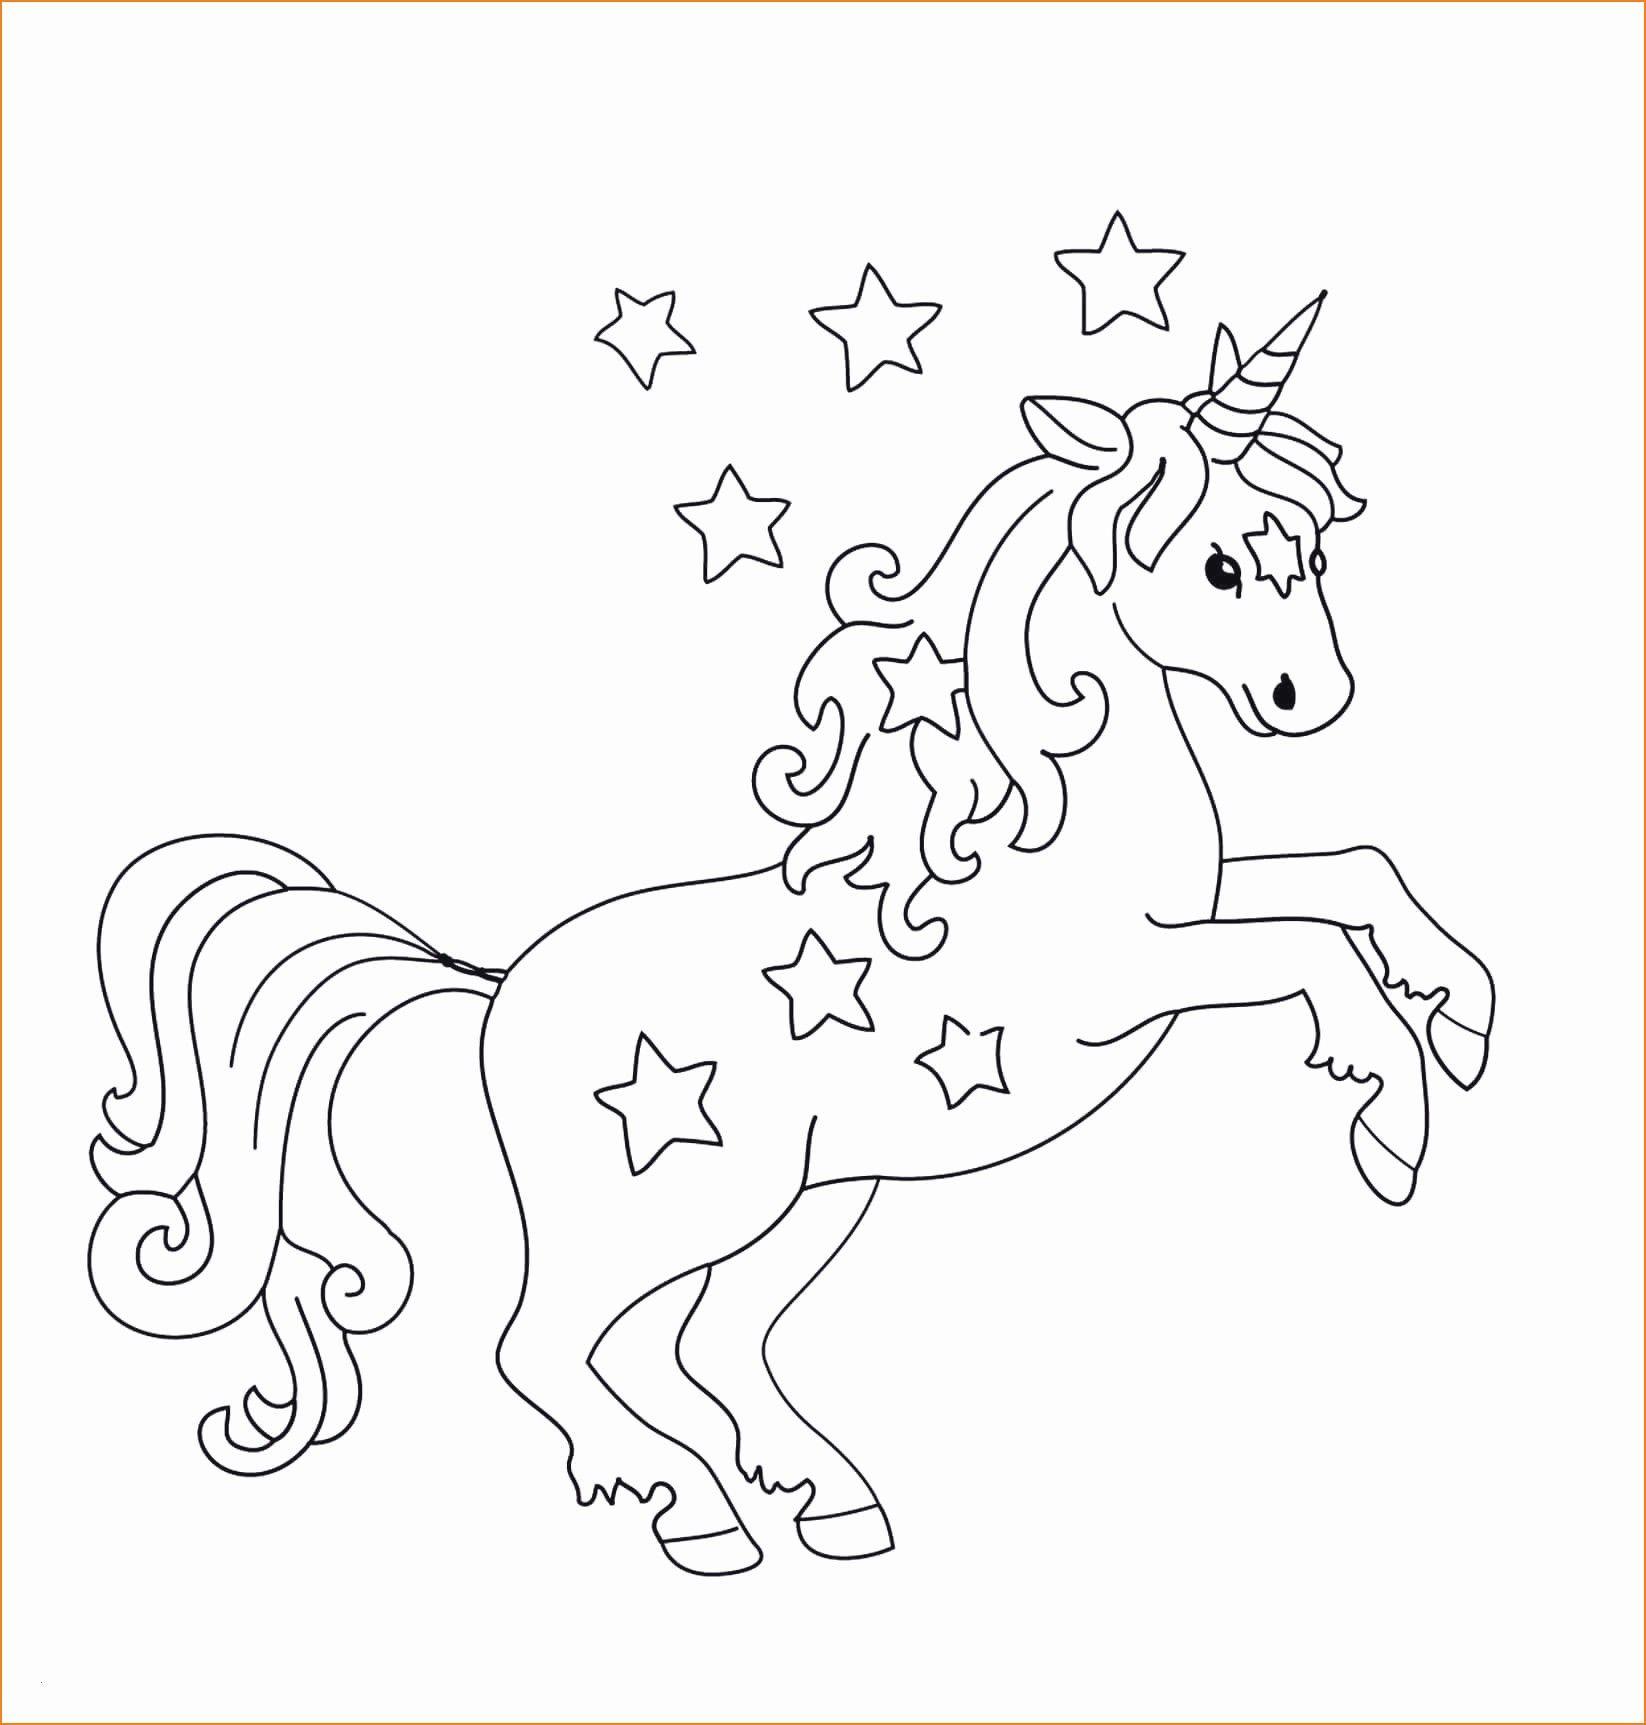 Neu Malvorlagen Pferde Kostenlos Unicorn Coloring Pages Coloring Pages Horse Coloring